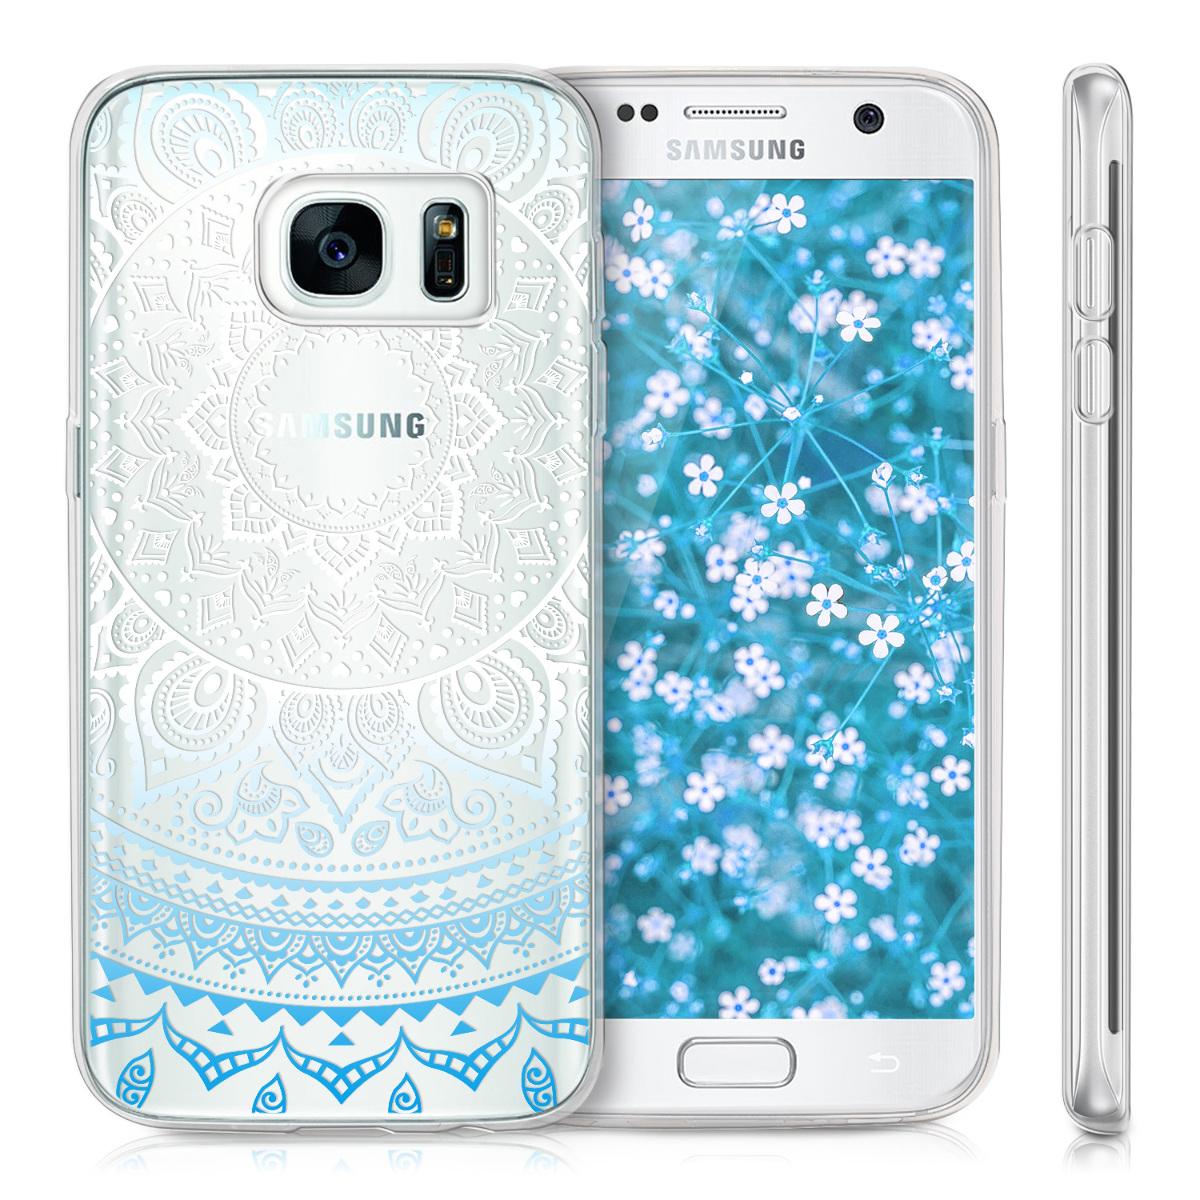 Handyhülle Samsung Galaxy : handyh lle f r samsung galaxy s7 h lle handy case cover silikon schutzh lle ebay ~ Aude.kayakingforconservation.com Haus und Dekorationen